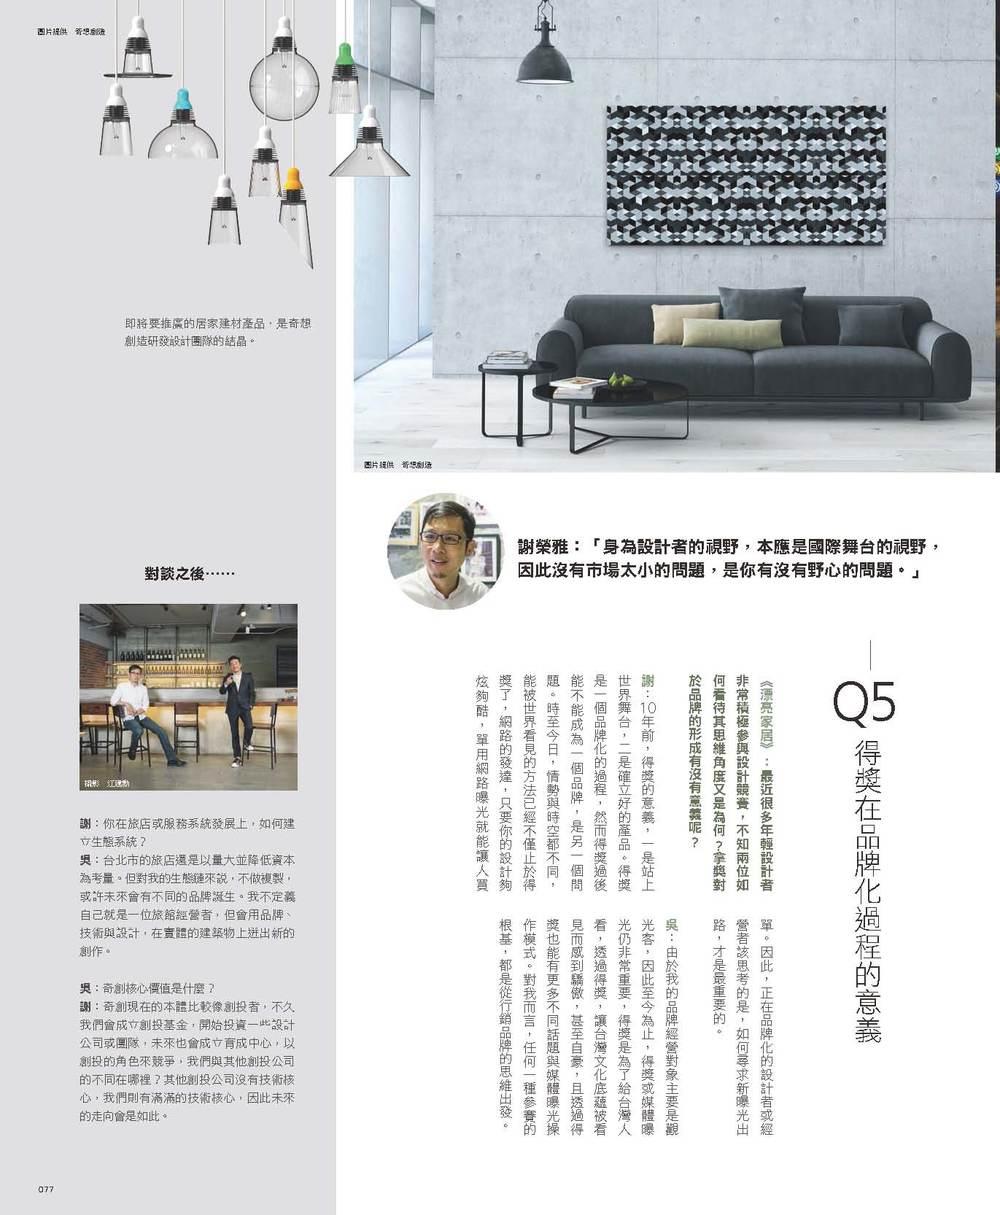 2015年08月_跨界對談 - 設計品牌形成與跨域整合之路 _漂亮家居_頁面_6.jpg